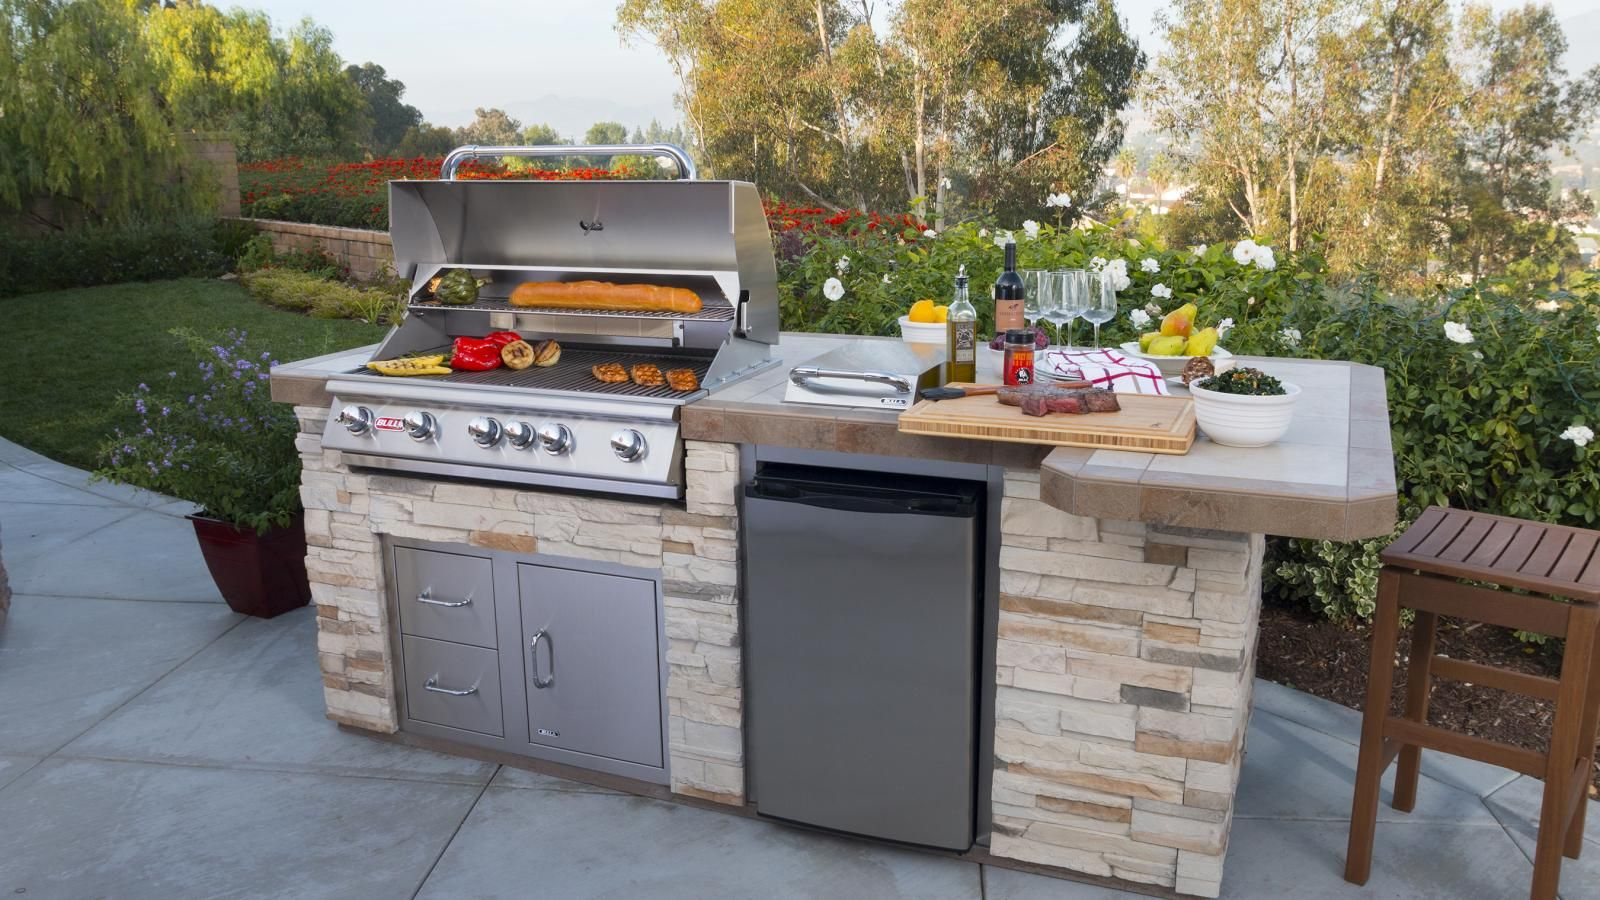 20 Best Outdoor Kitchen Ideas Outdoor Kitchen Design Outdoor Kitchen Bars Build Outdoor Kitchen